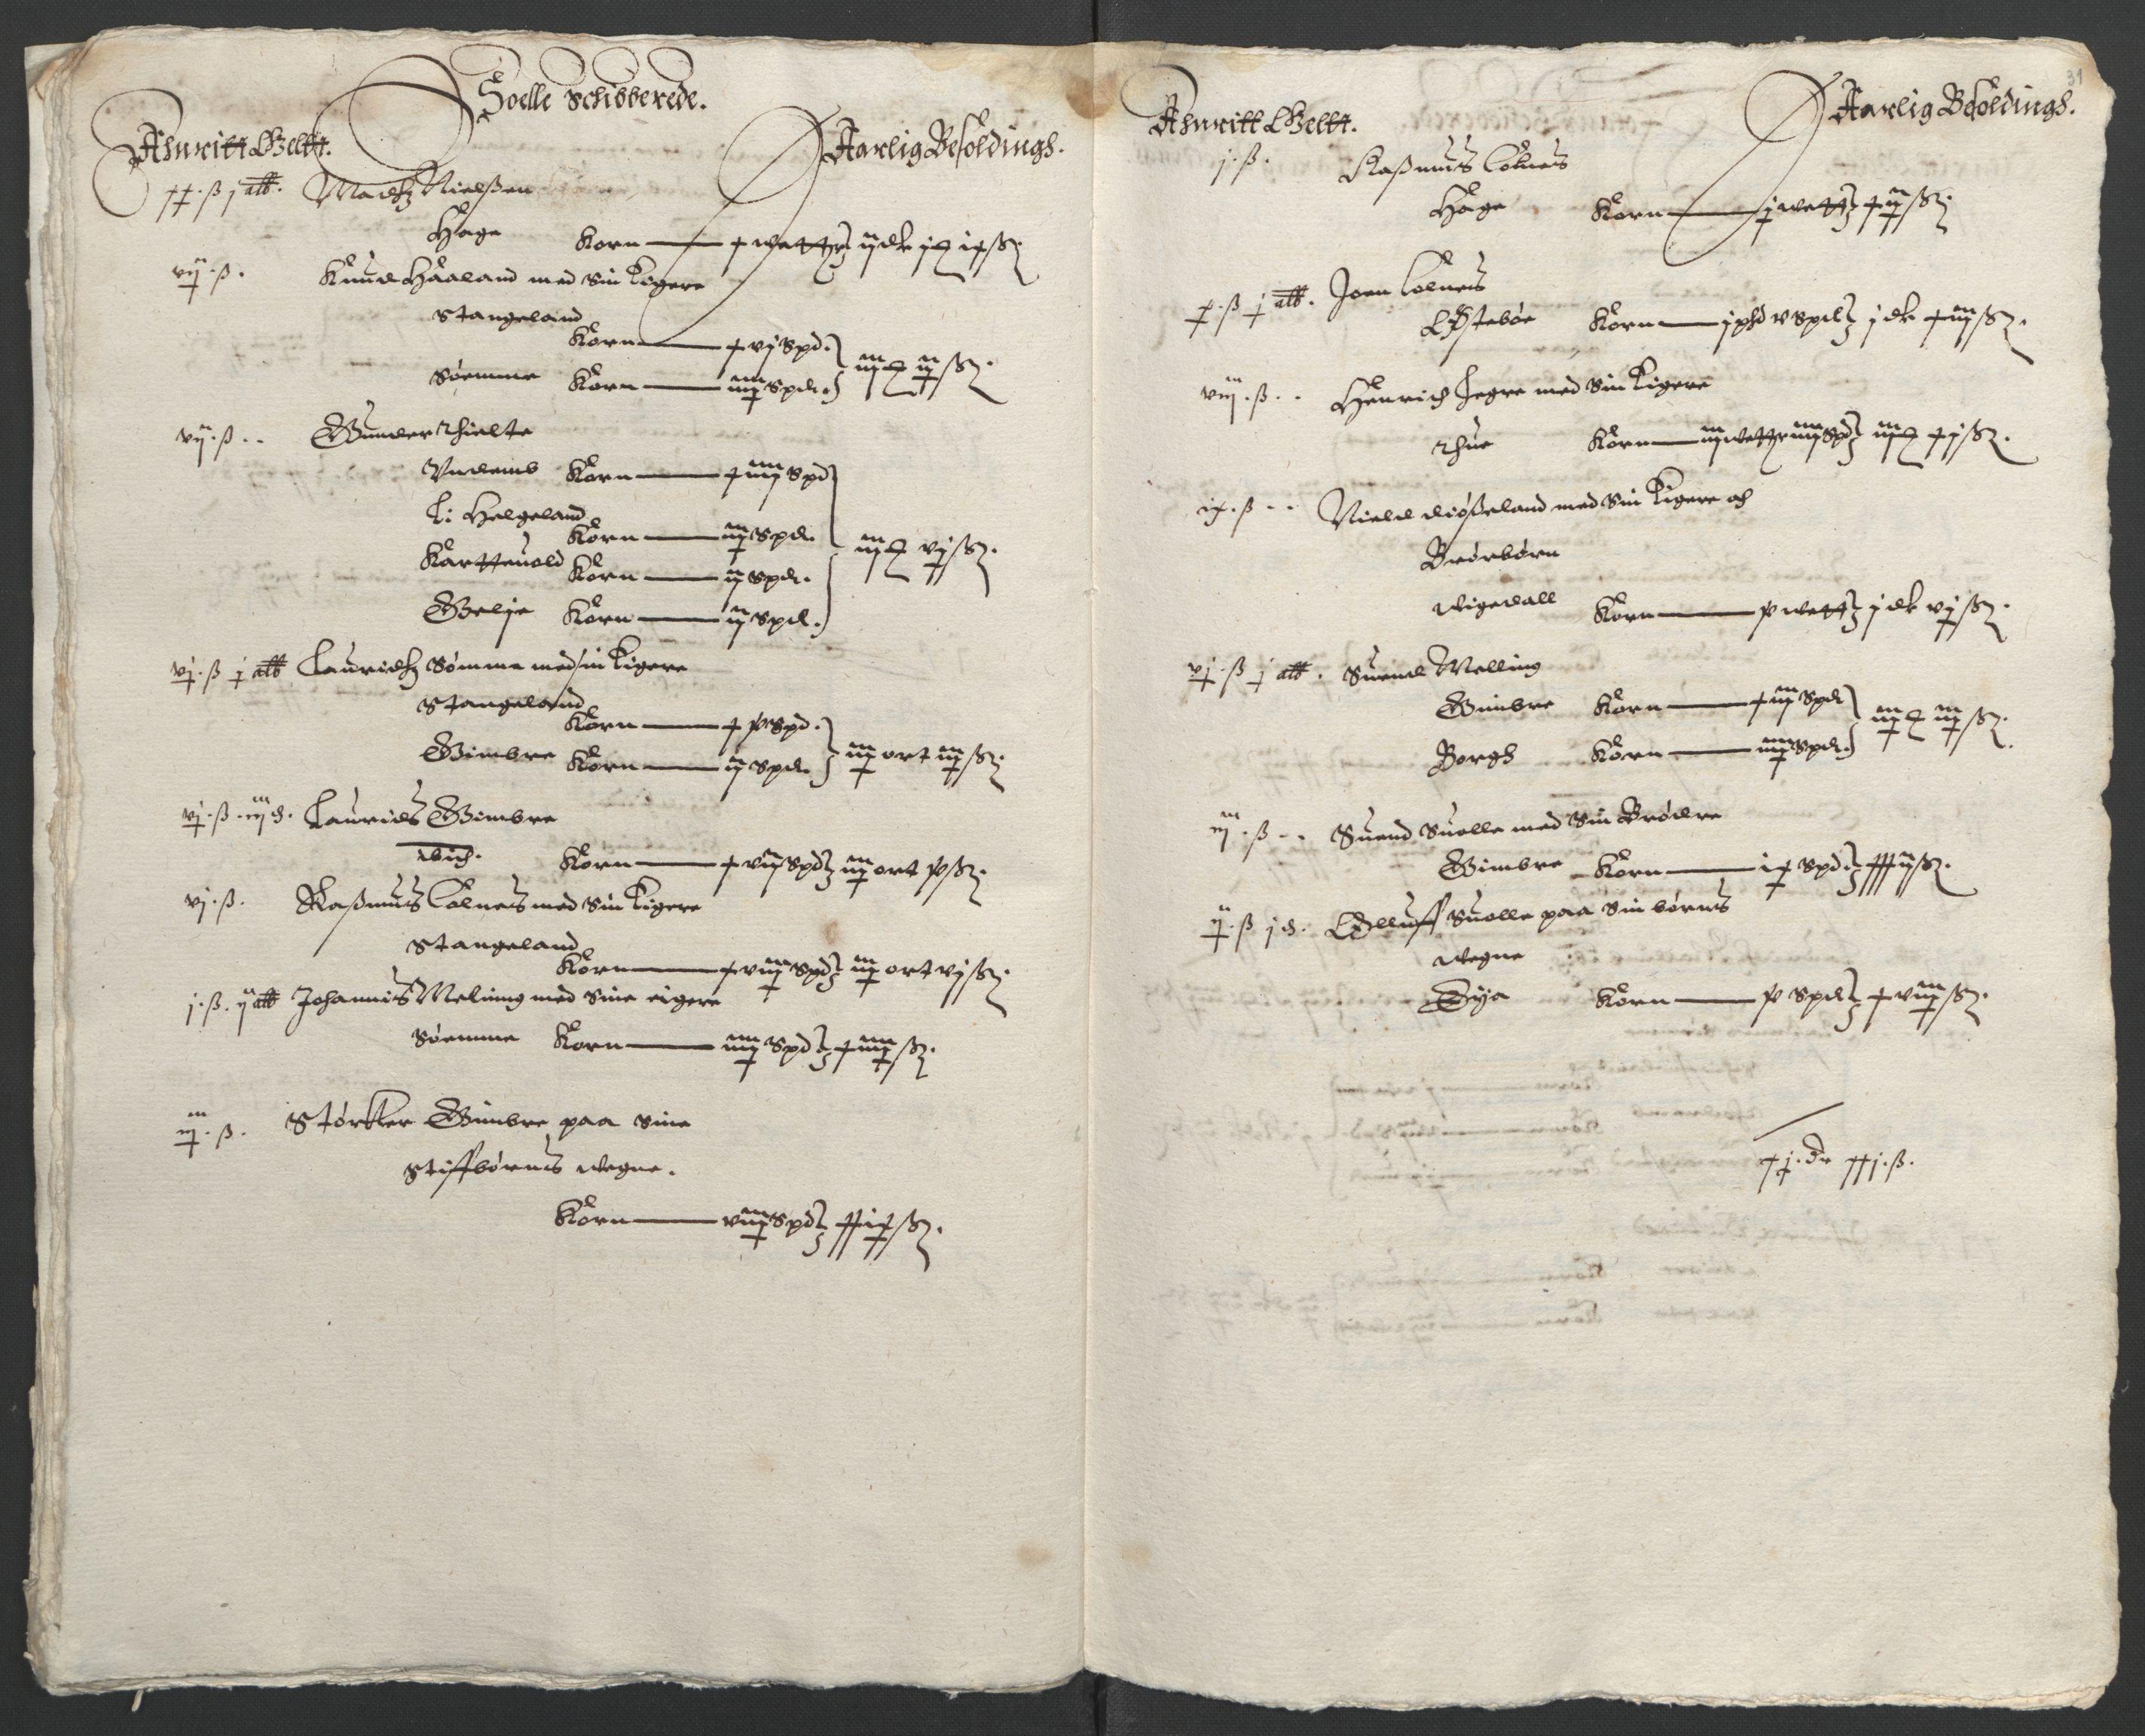 RA, Stattholderembetet 1572-1771, Ek/L0010: Jordebøker til utlikning av rosstjeneste 1624-1626:, 1624-1626, s. 125